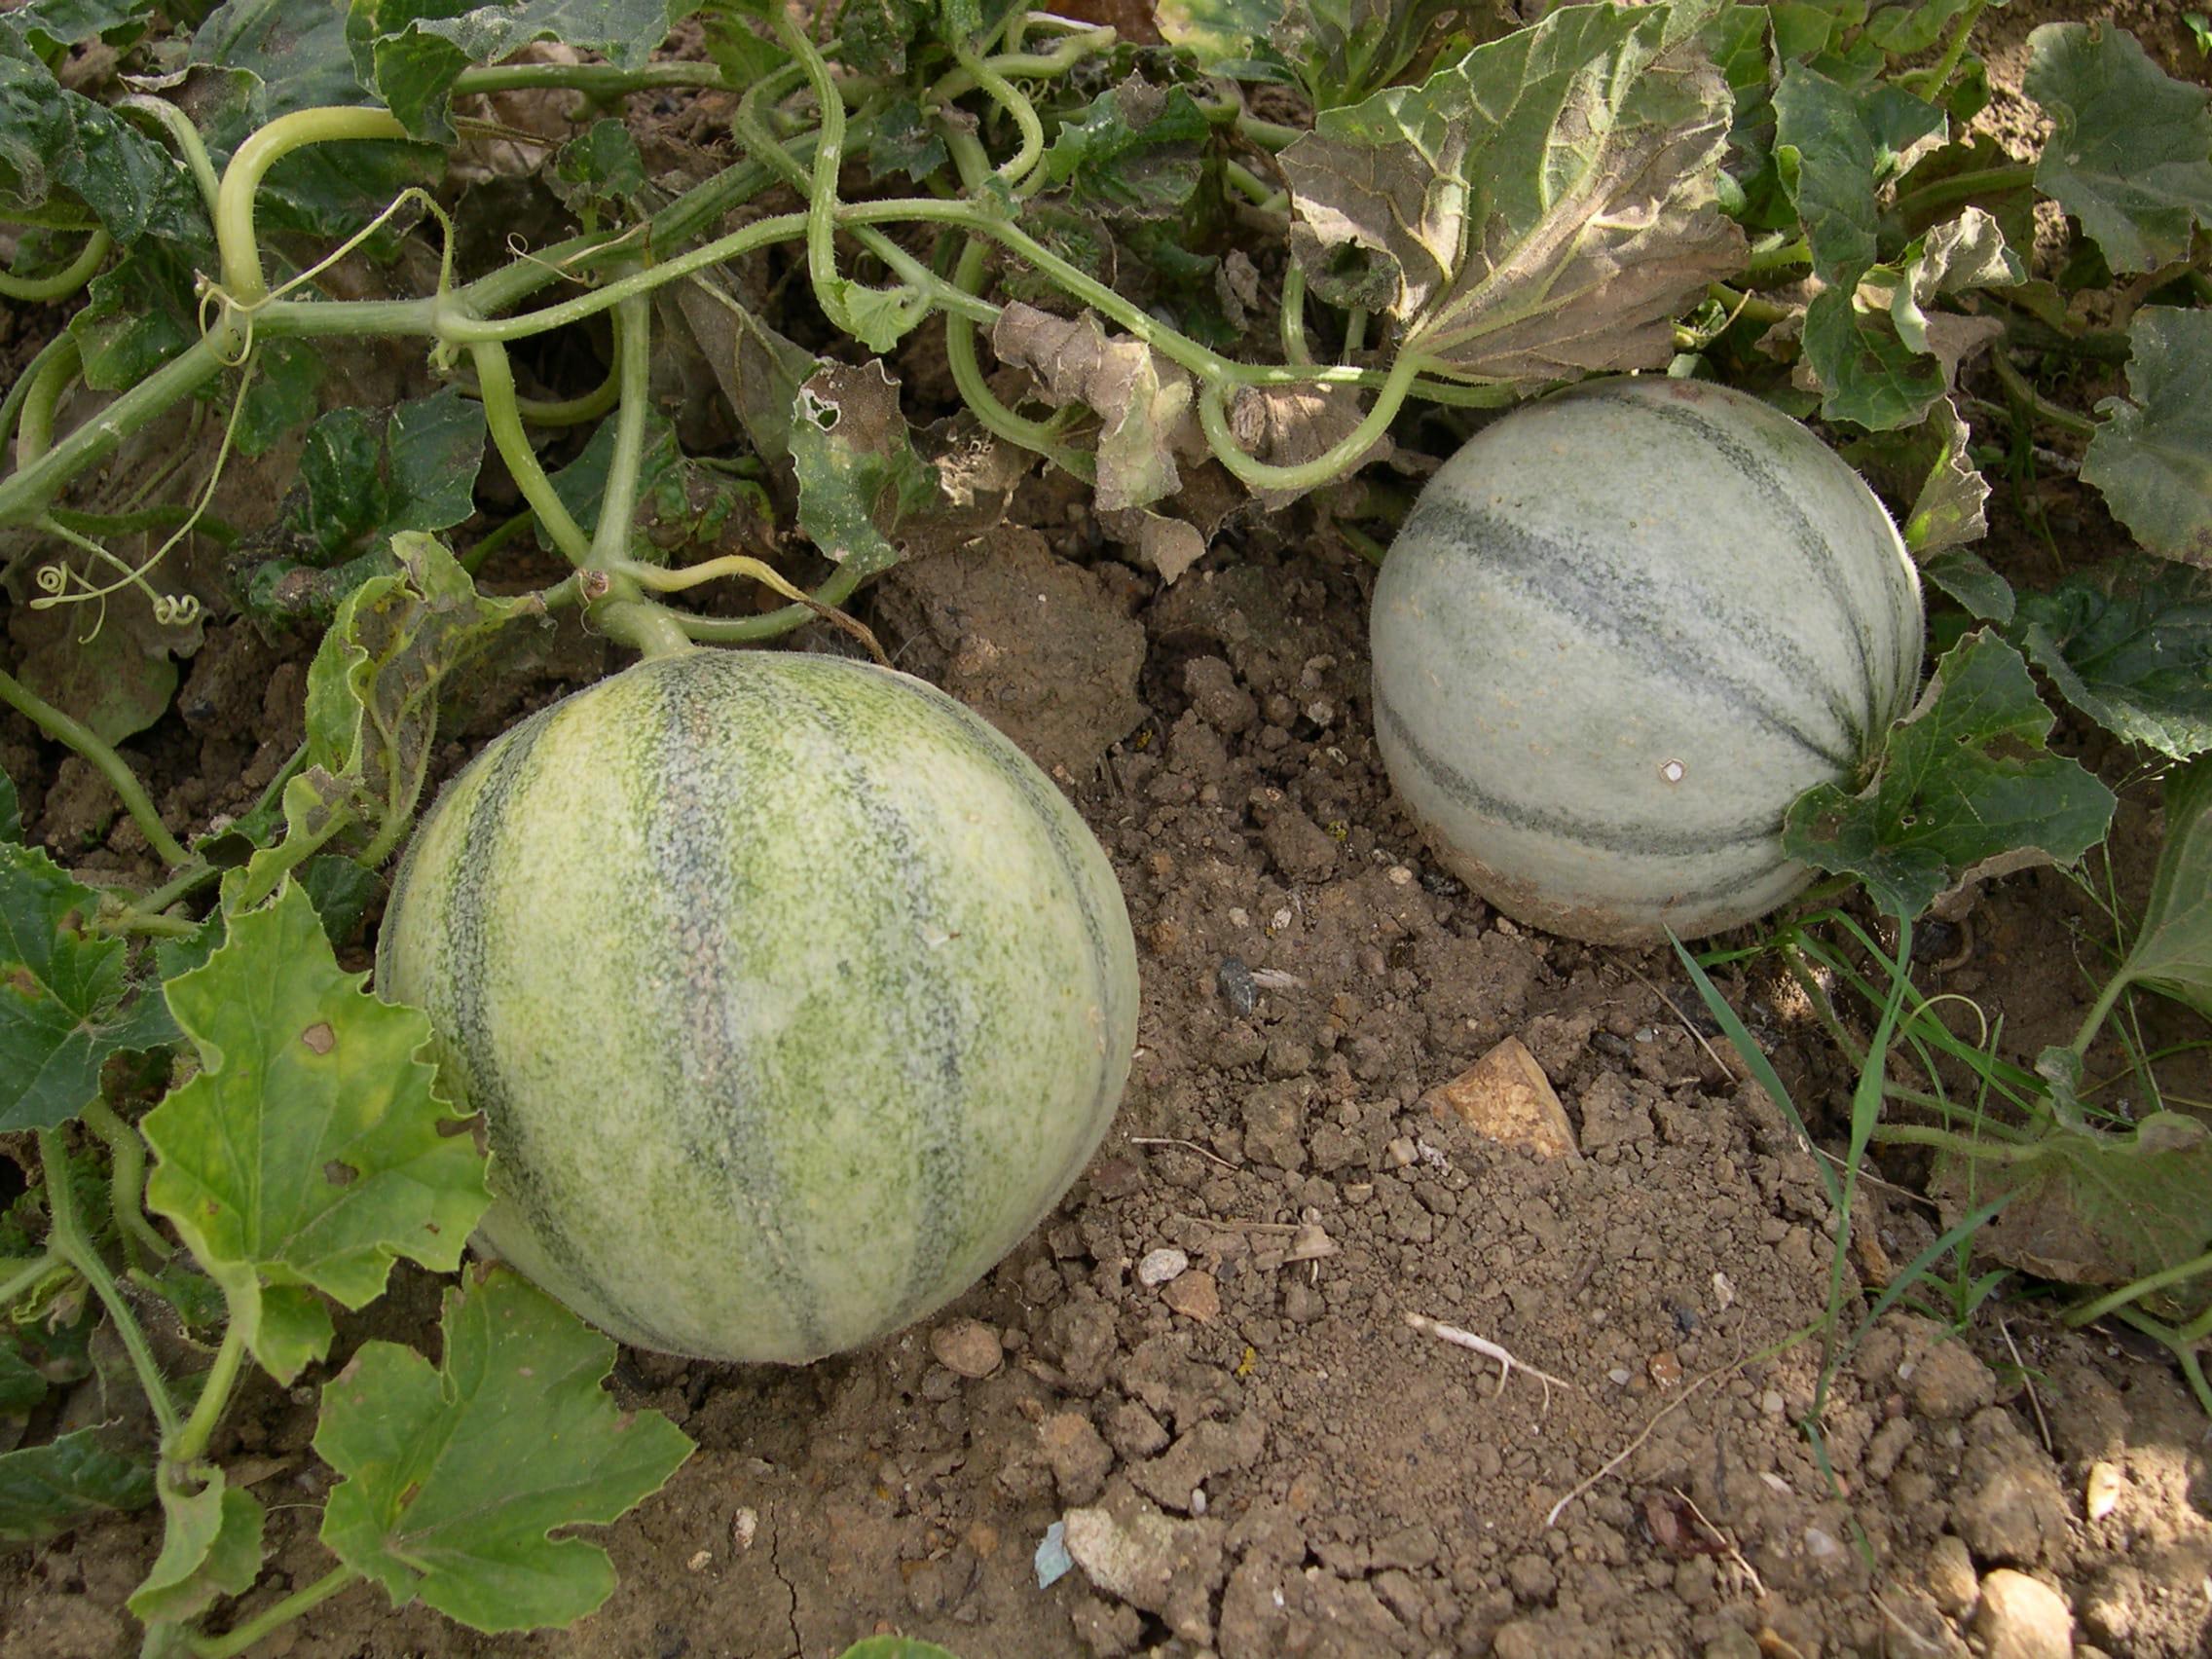 Cultiver des melons journal des femmes - Quand cueillir un melon ...